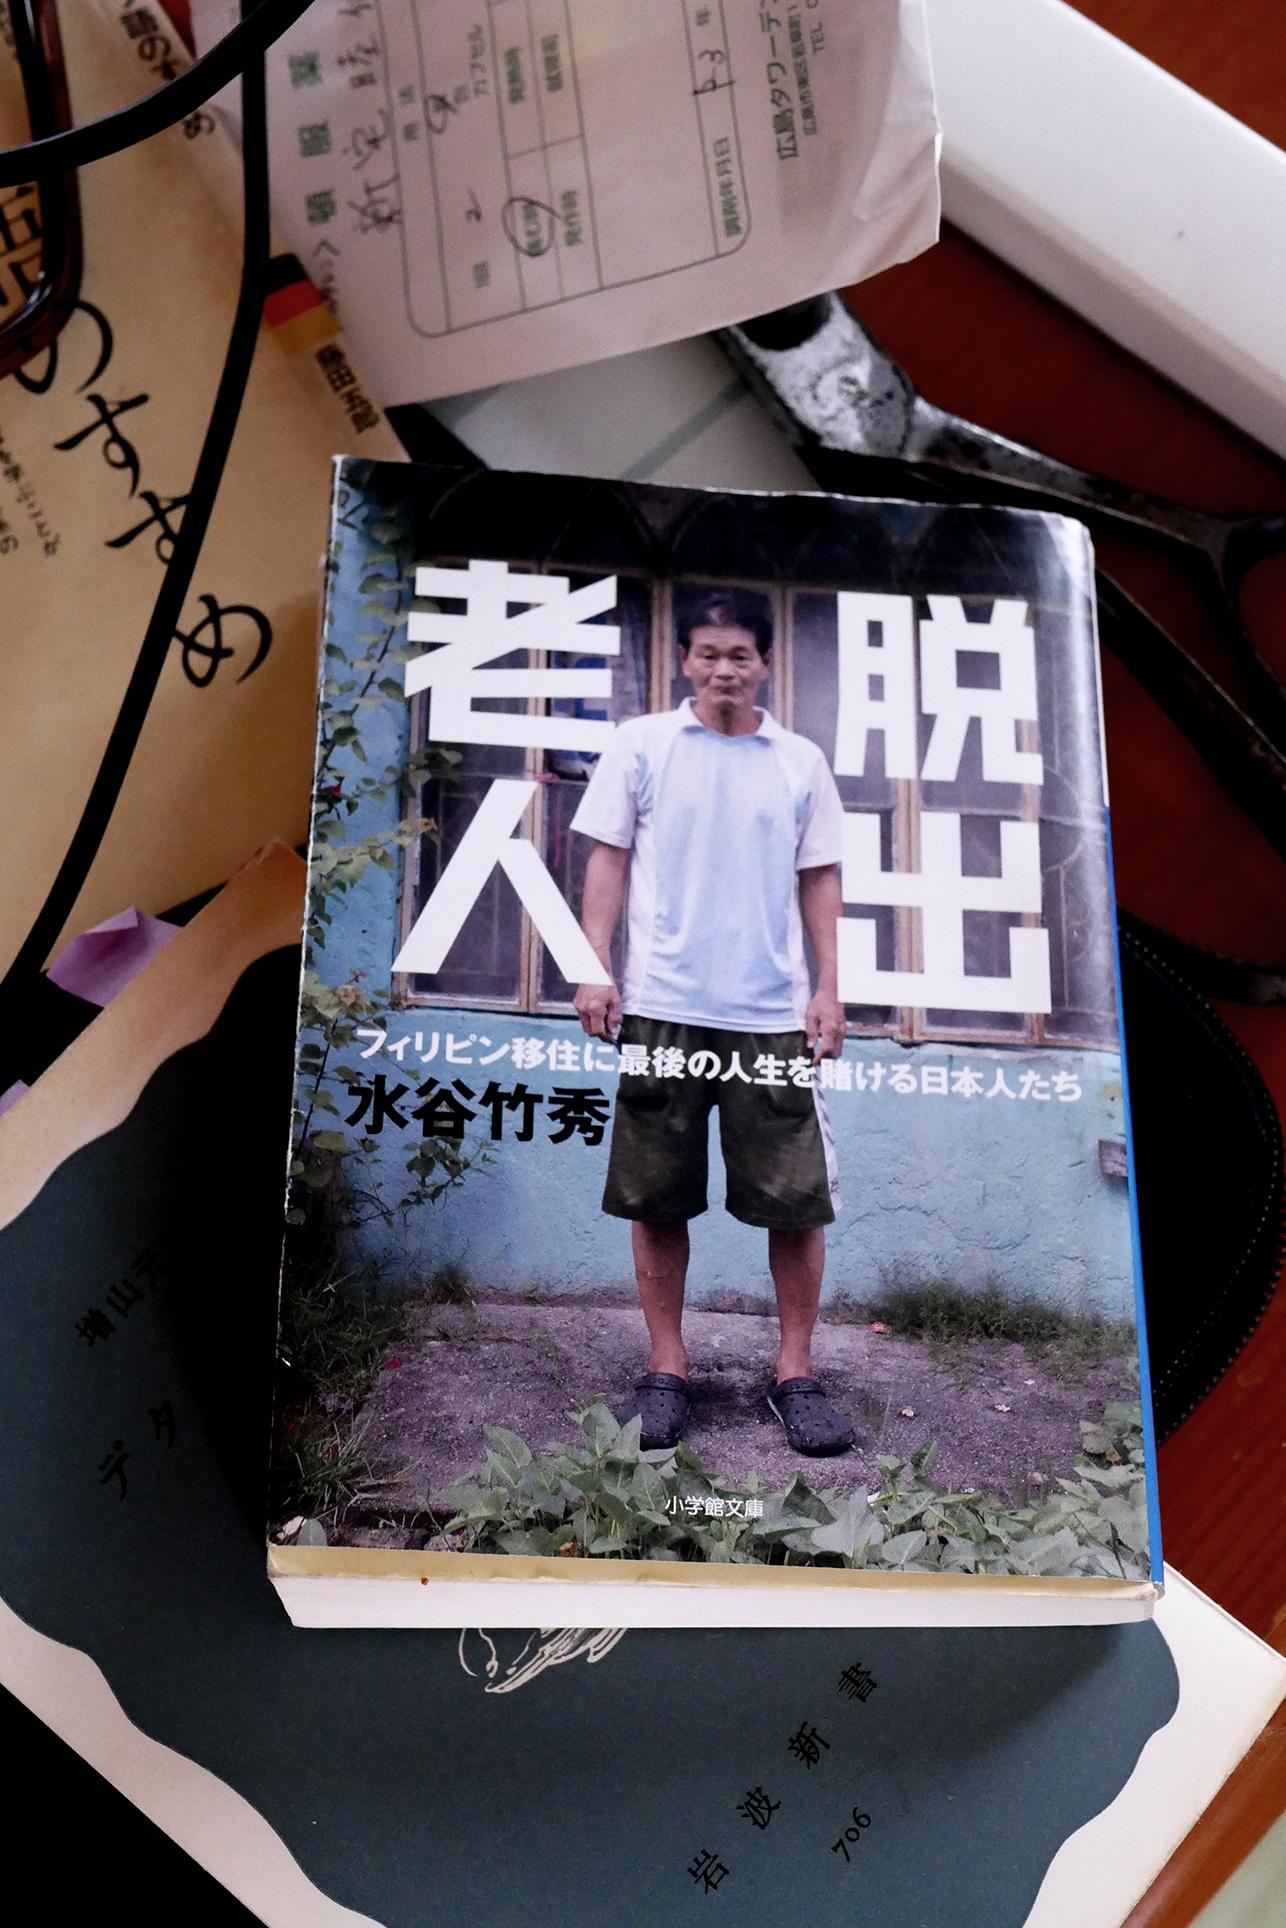 書籍脱出老人 フィリピン移住に最後の人生を賭ける日本人たち(水谷竹秀 /小学館)」の表紙画像